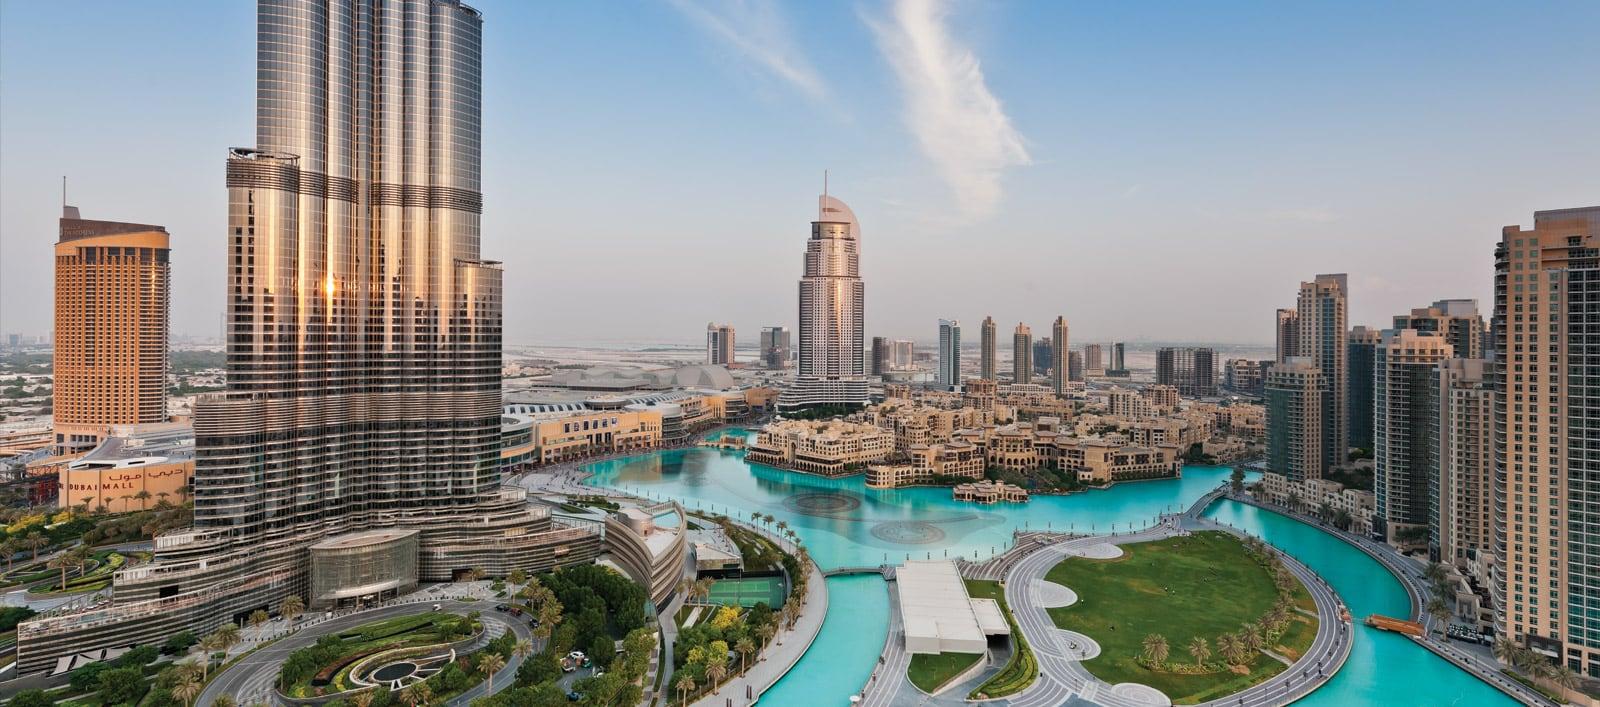 كيف تجعل رحلاتك في دبي بأسعار معقولة لعائلتك